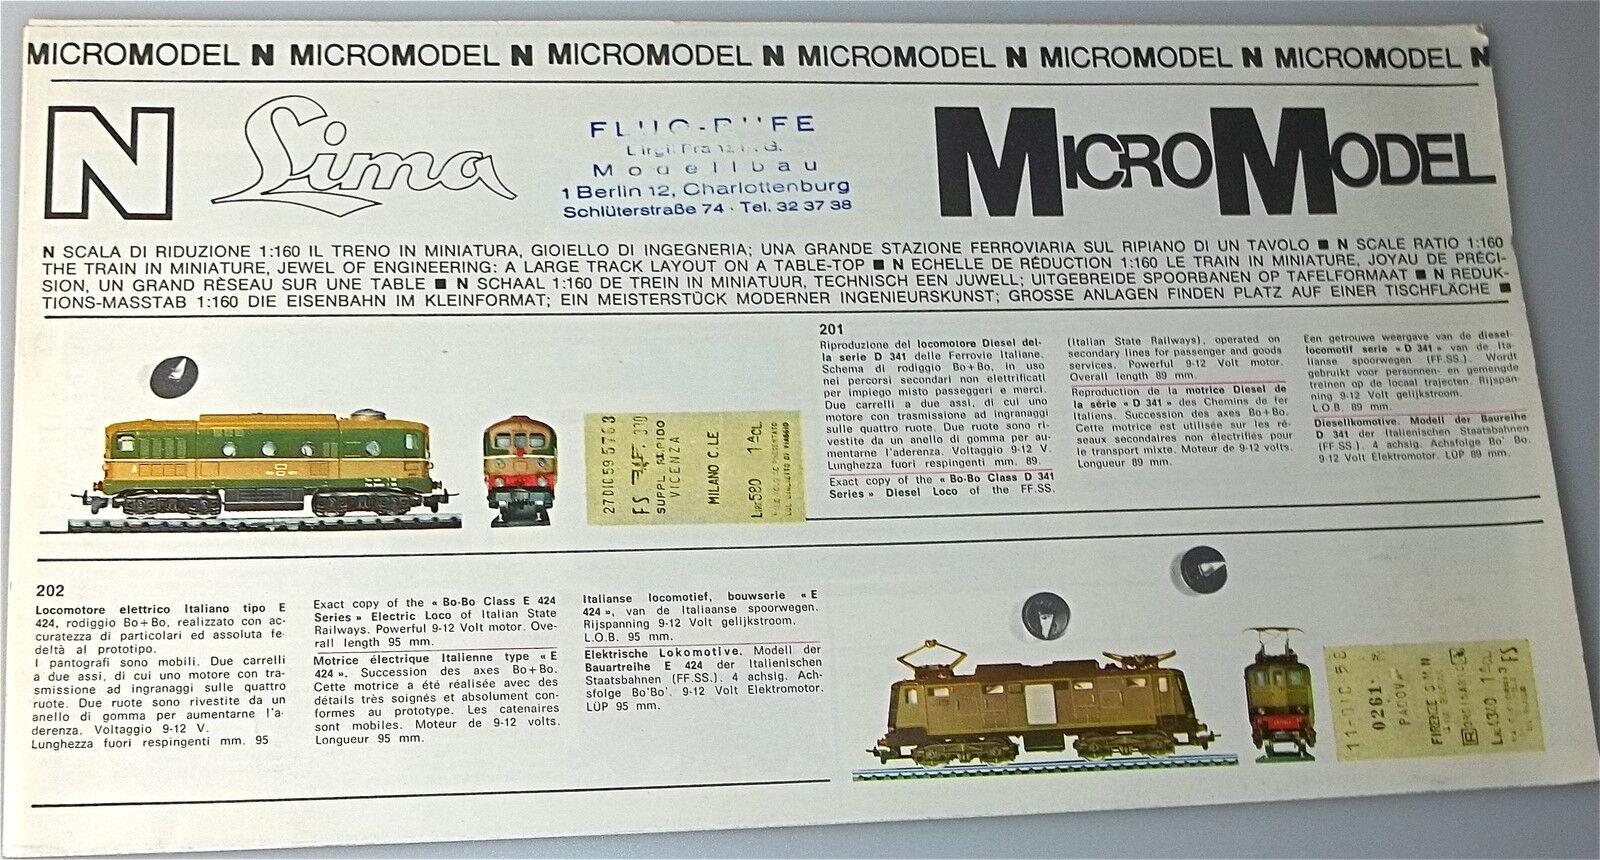 Lima micromodel N neuheitenblatt å